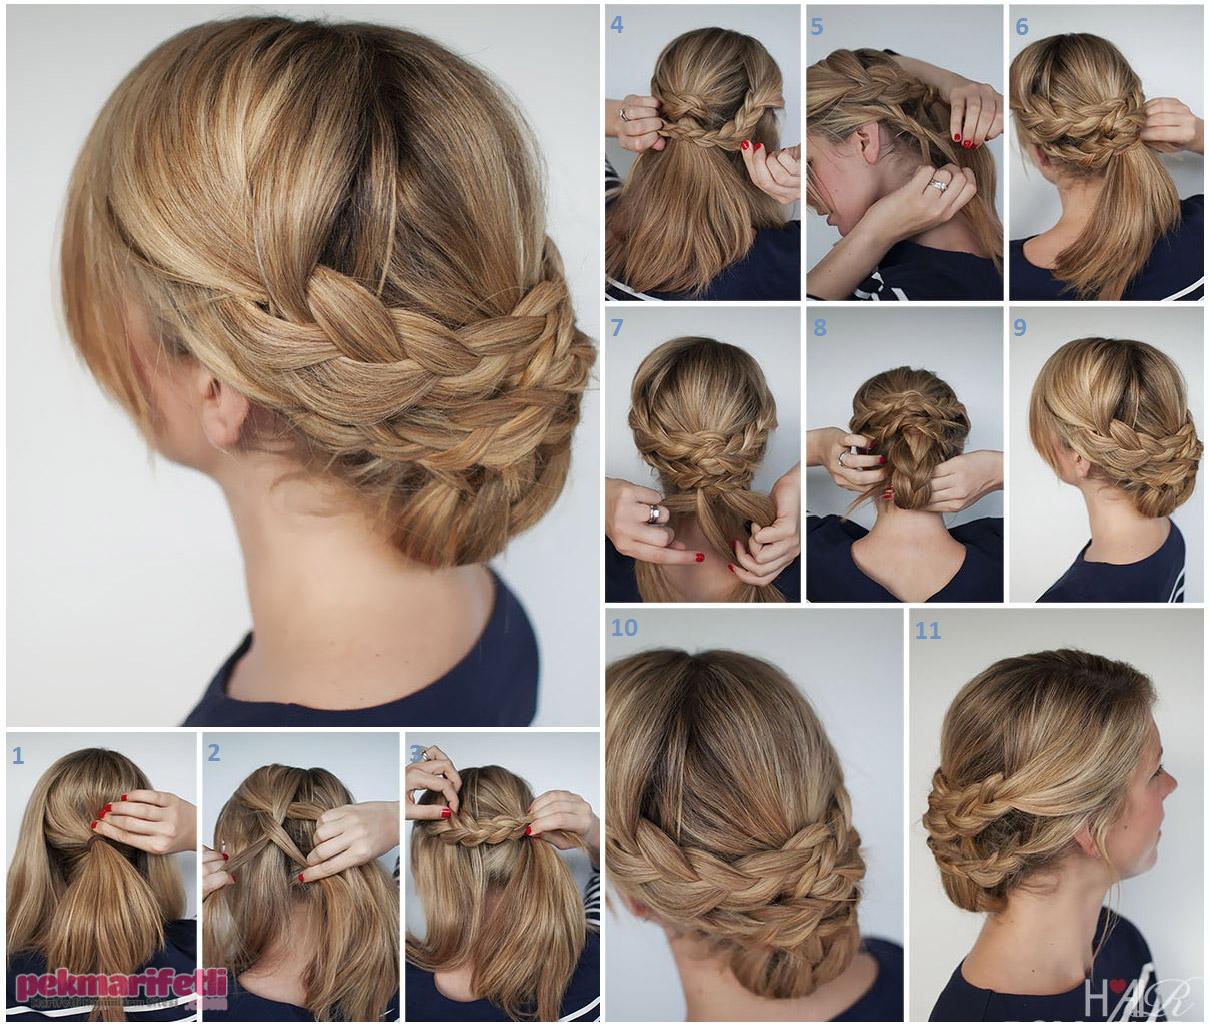 Yüksek topuz saç modeli nasıl yapılır